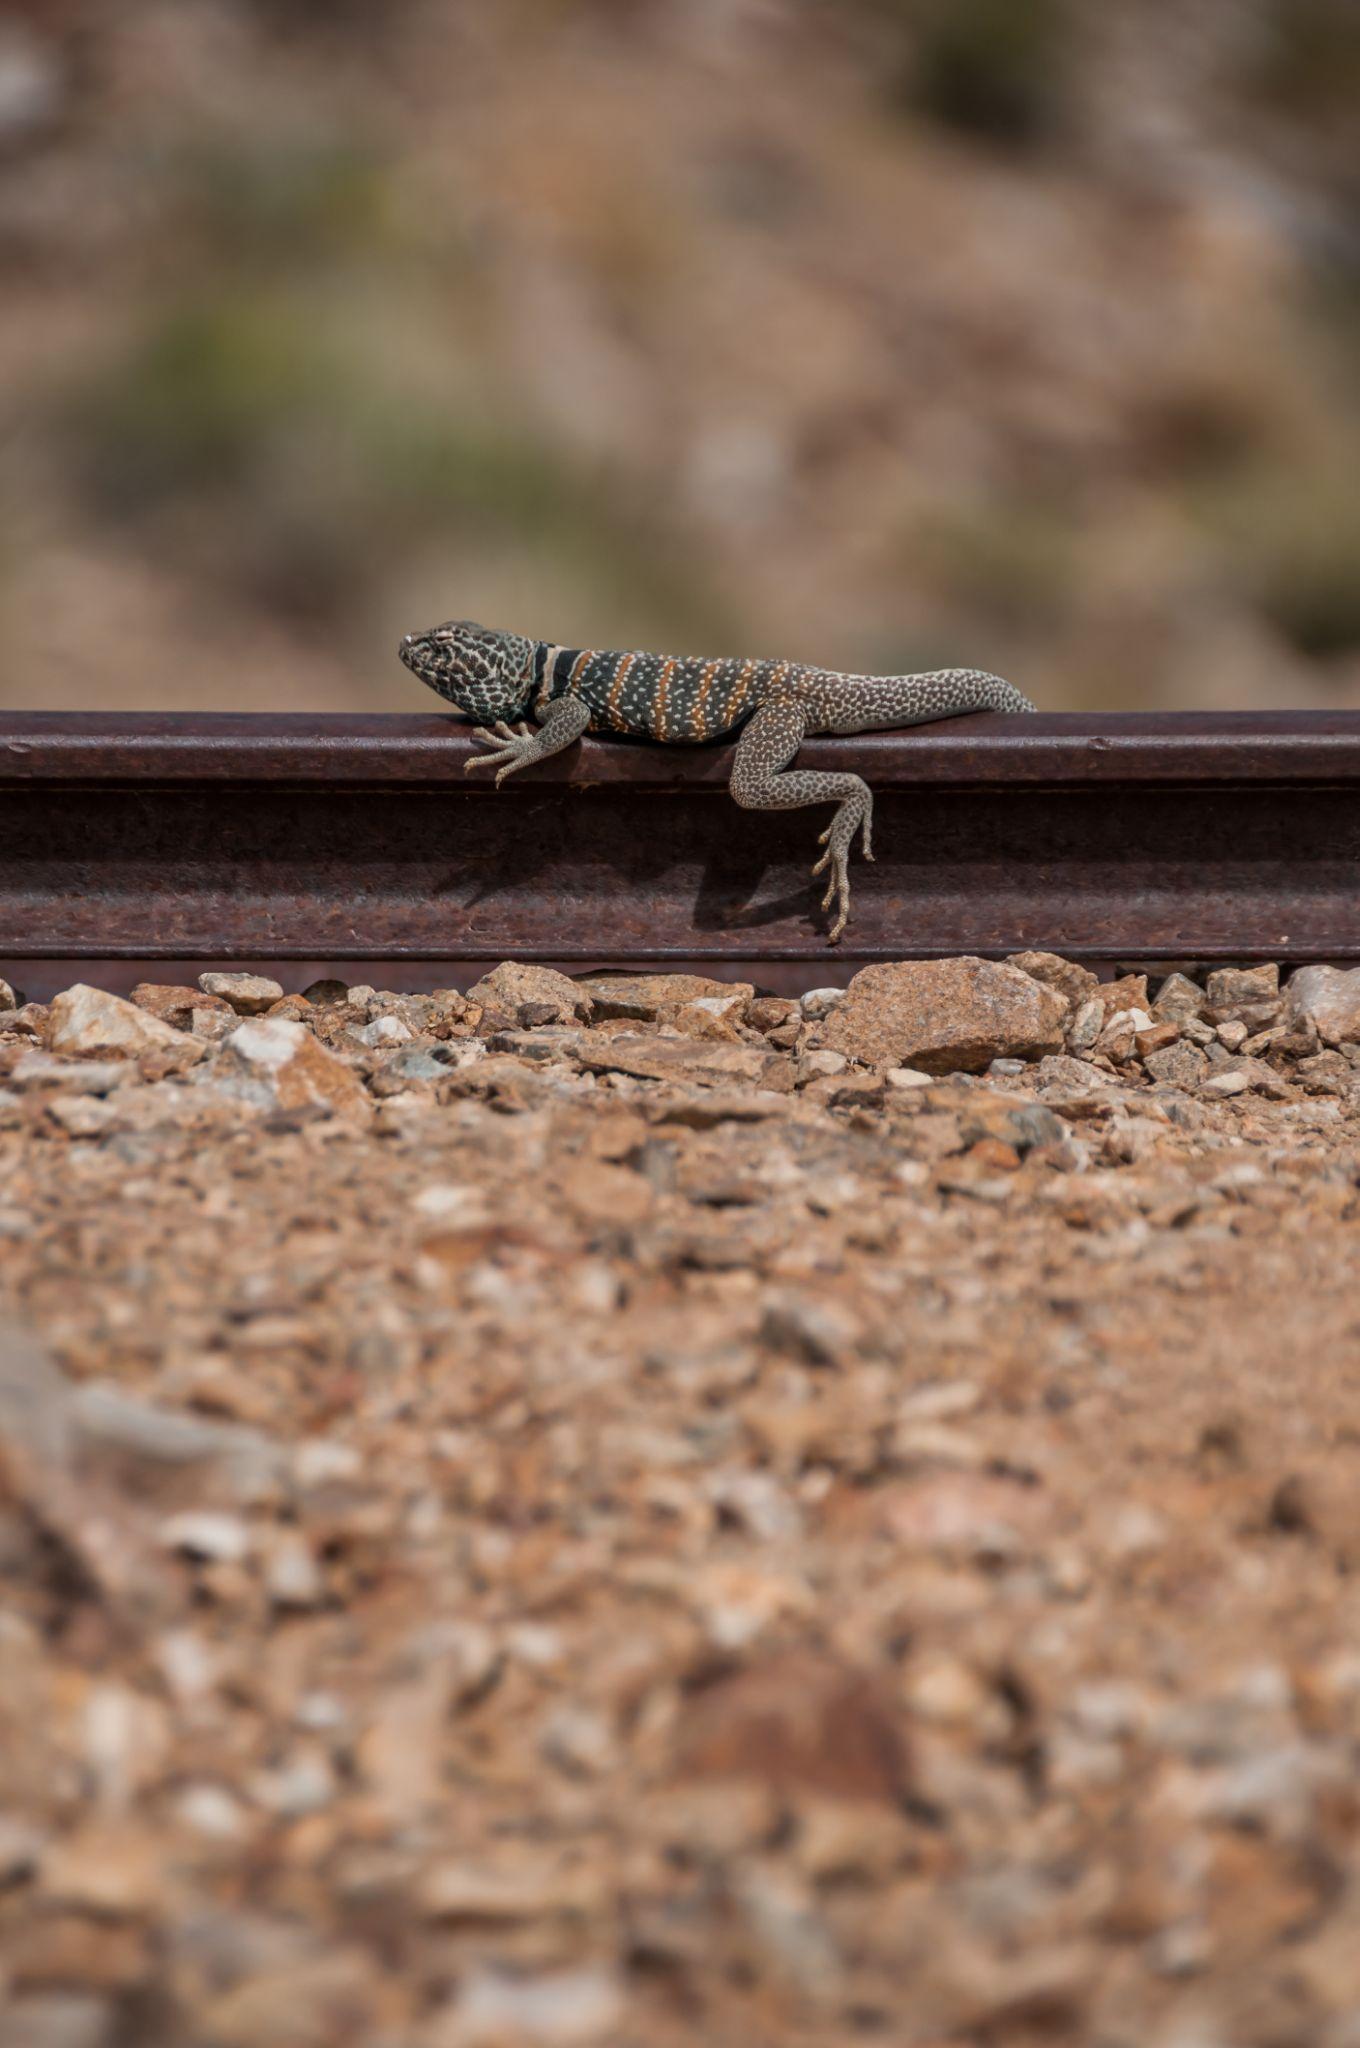 No train around by Martina Havlickova